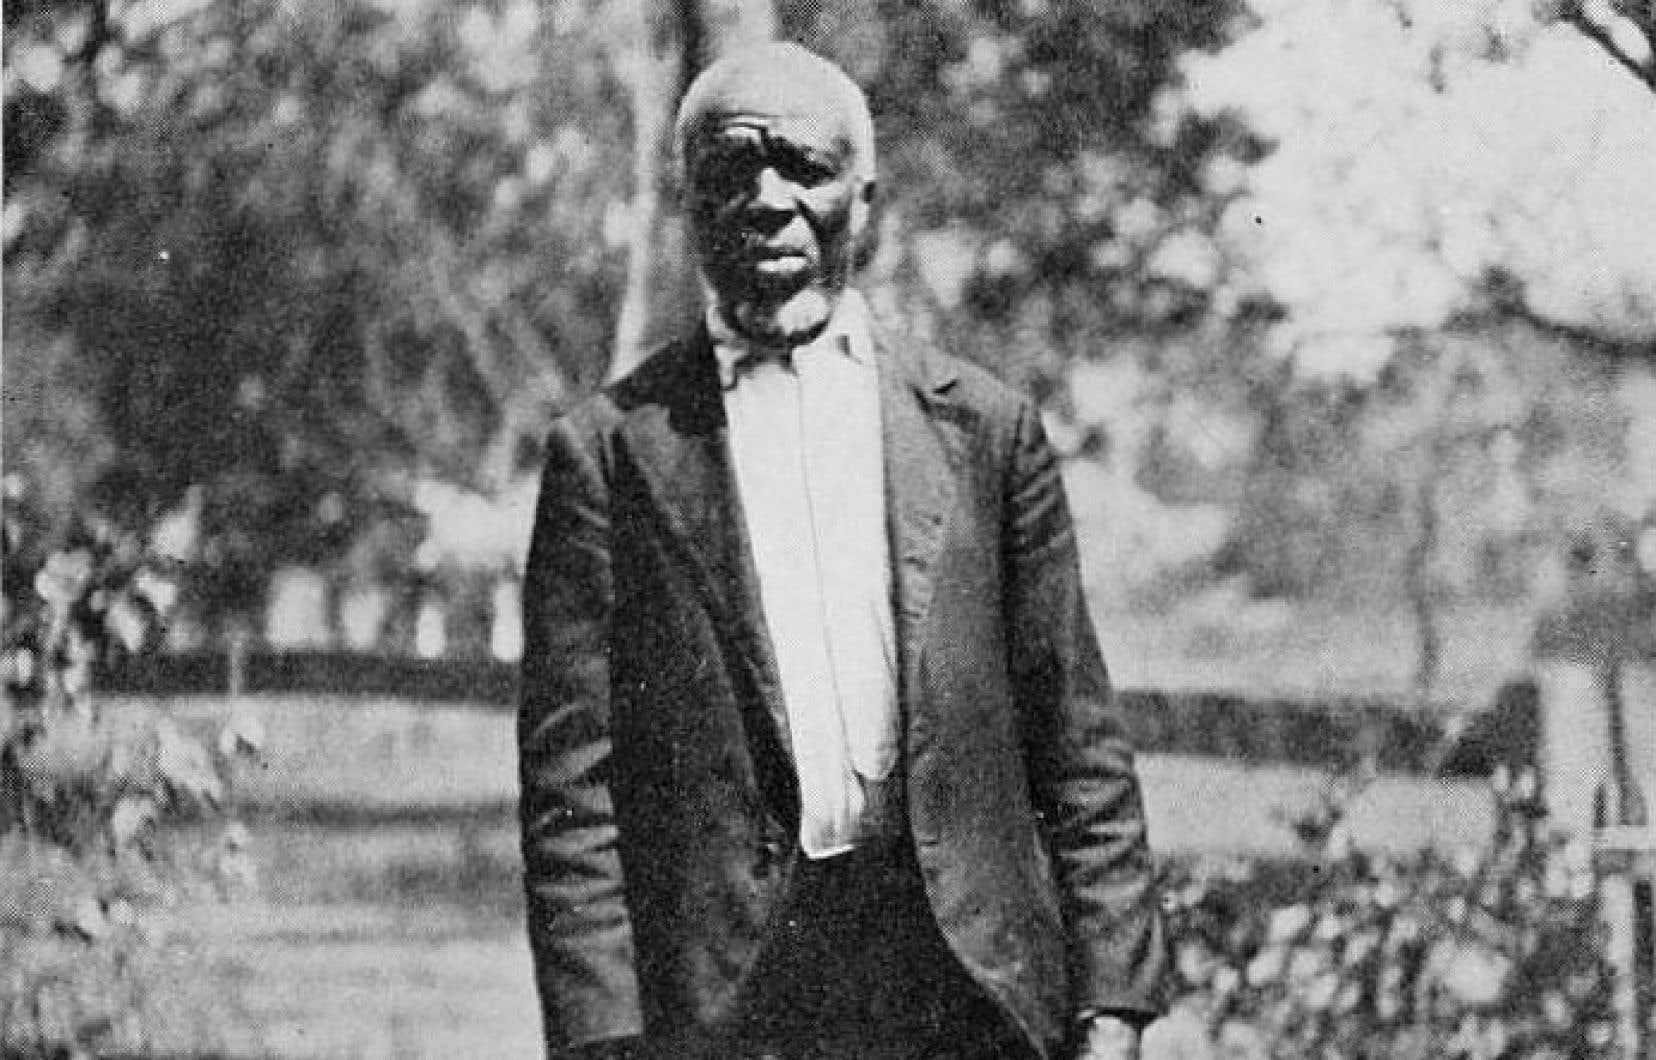 Après l'éprouvante traversée de l'Atlantique, Kossola, aussi appelé Cudjo Lewis, raconte sa vie d'esclave dans l'Alabama, de 1860 à la fin de la guerre de Sécession.